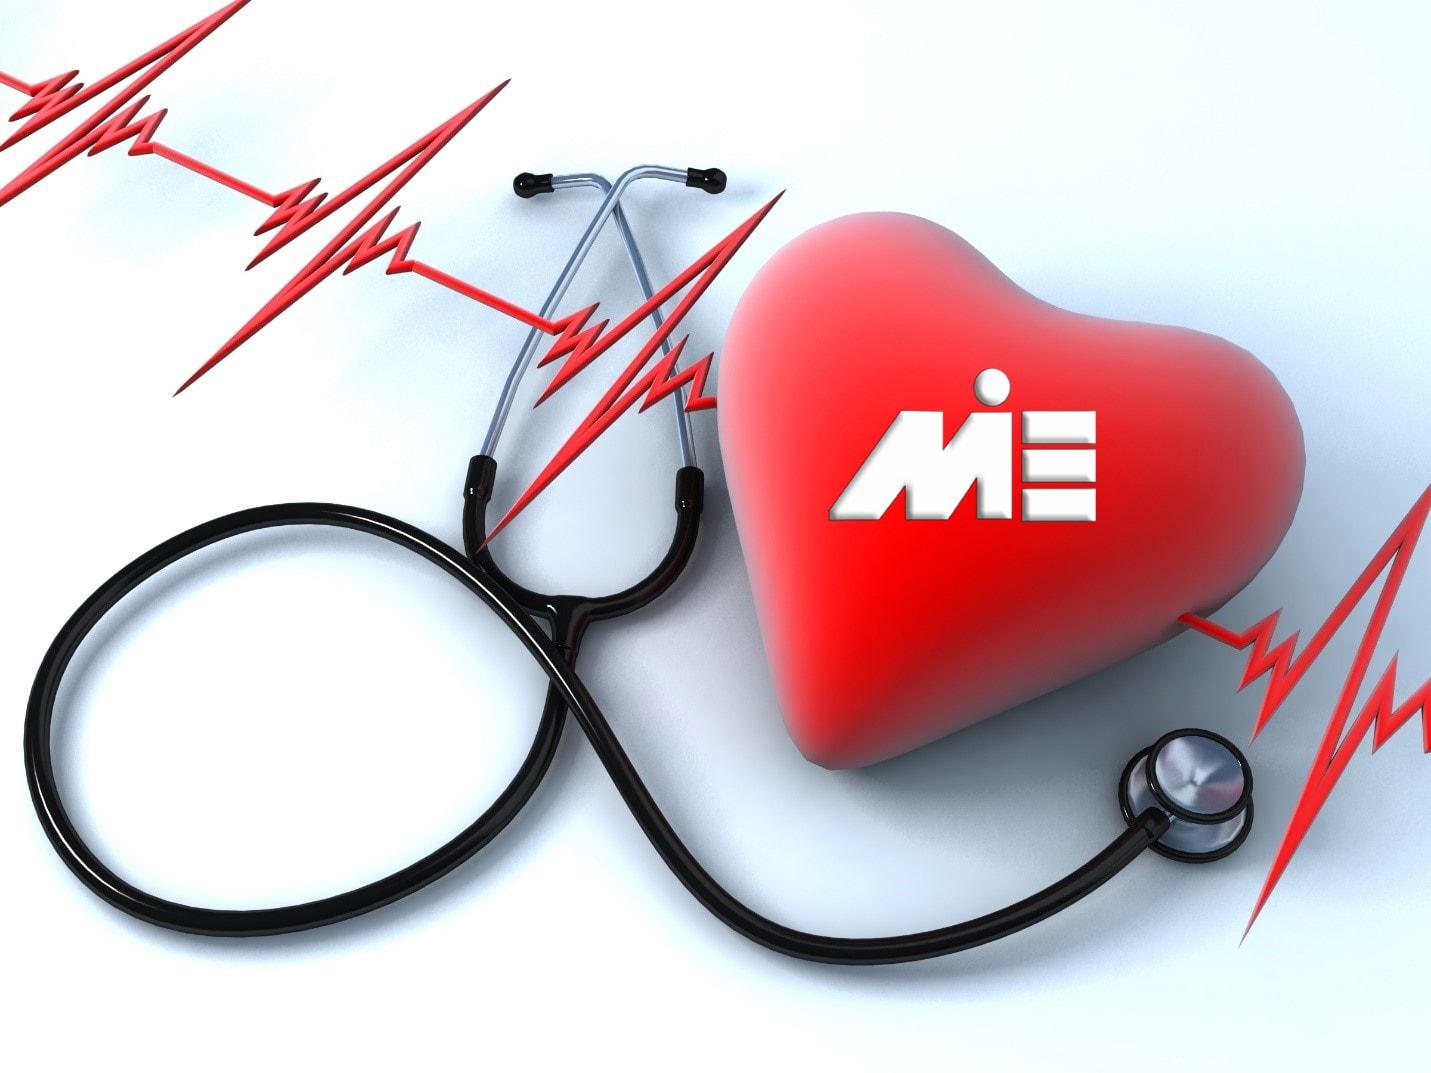 ویزای درمانی ـ درمان در خارج از کشور ـ ویزای پزشکی ـ معالجه و درمان در خارج از کشور